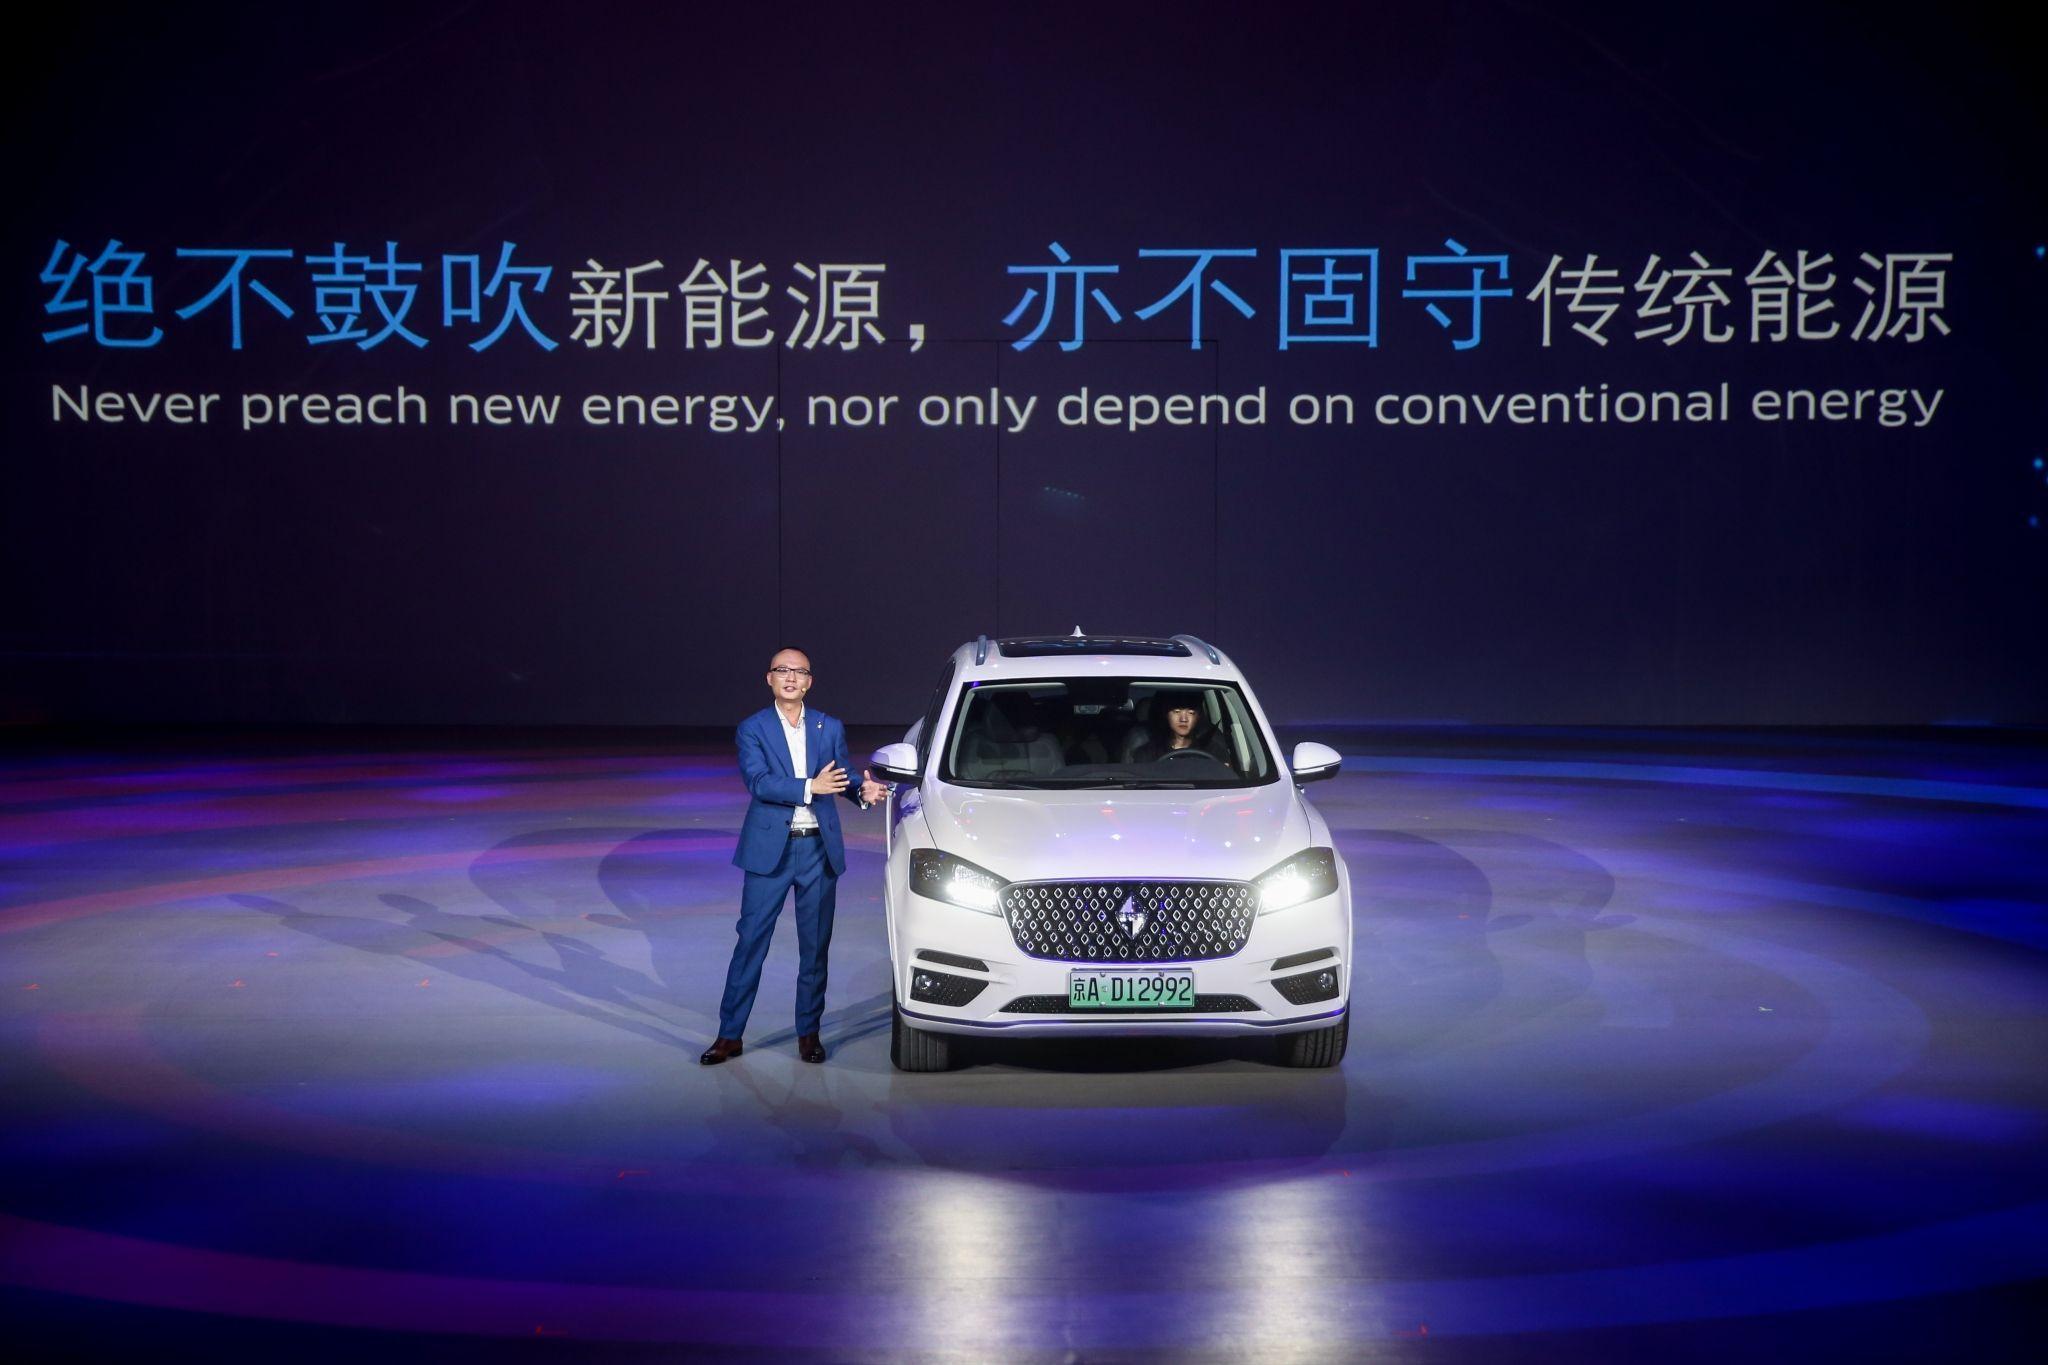 宝沃汽车再启程:我们是中国资本控股的德国品牌